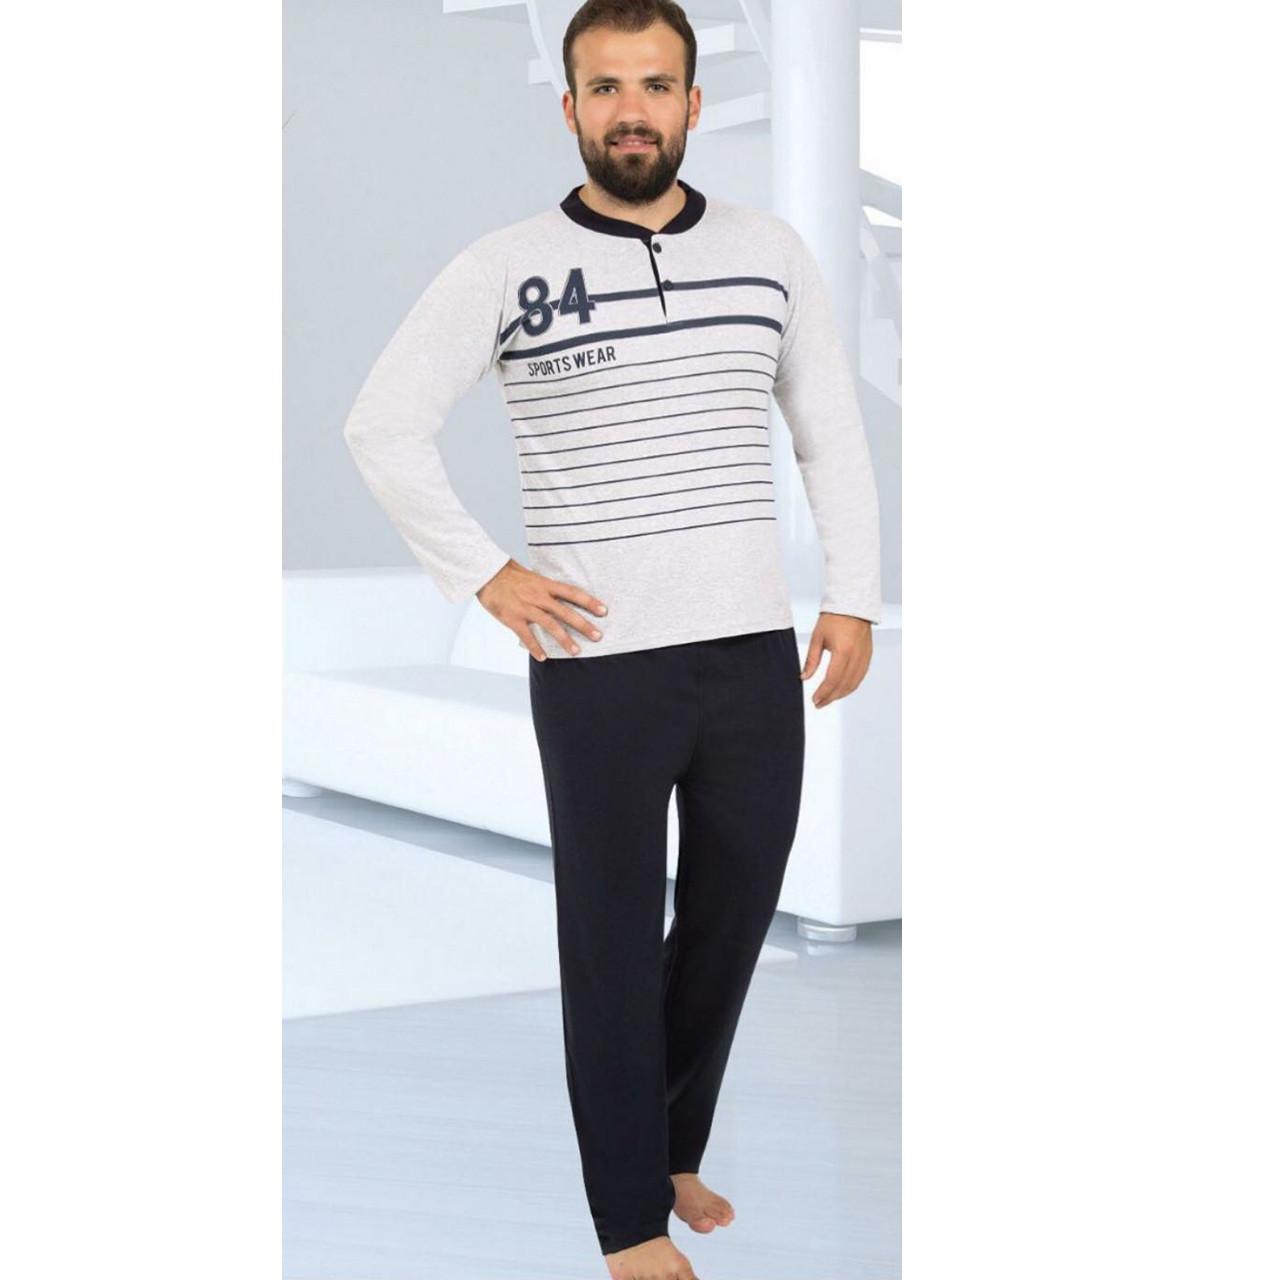 Пижама мужская хлопковая серая с брюками 84 Турция M-2XL, костюм для дома